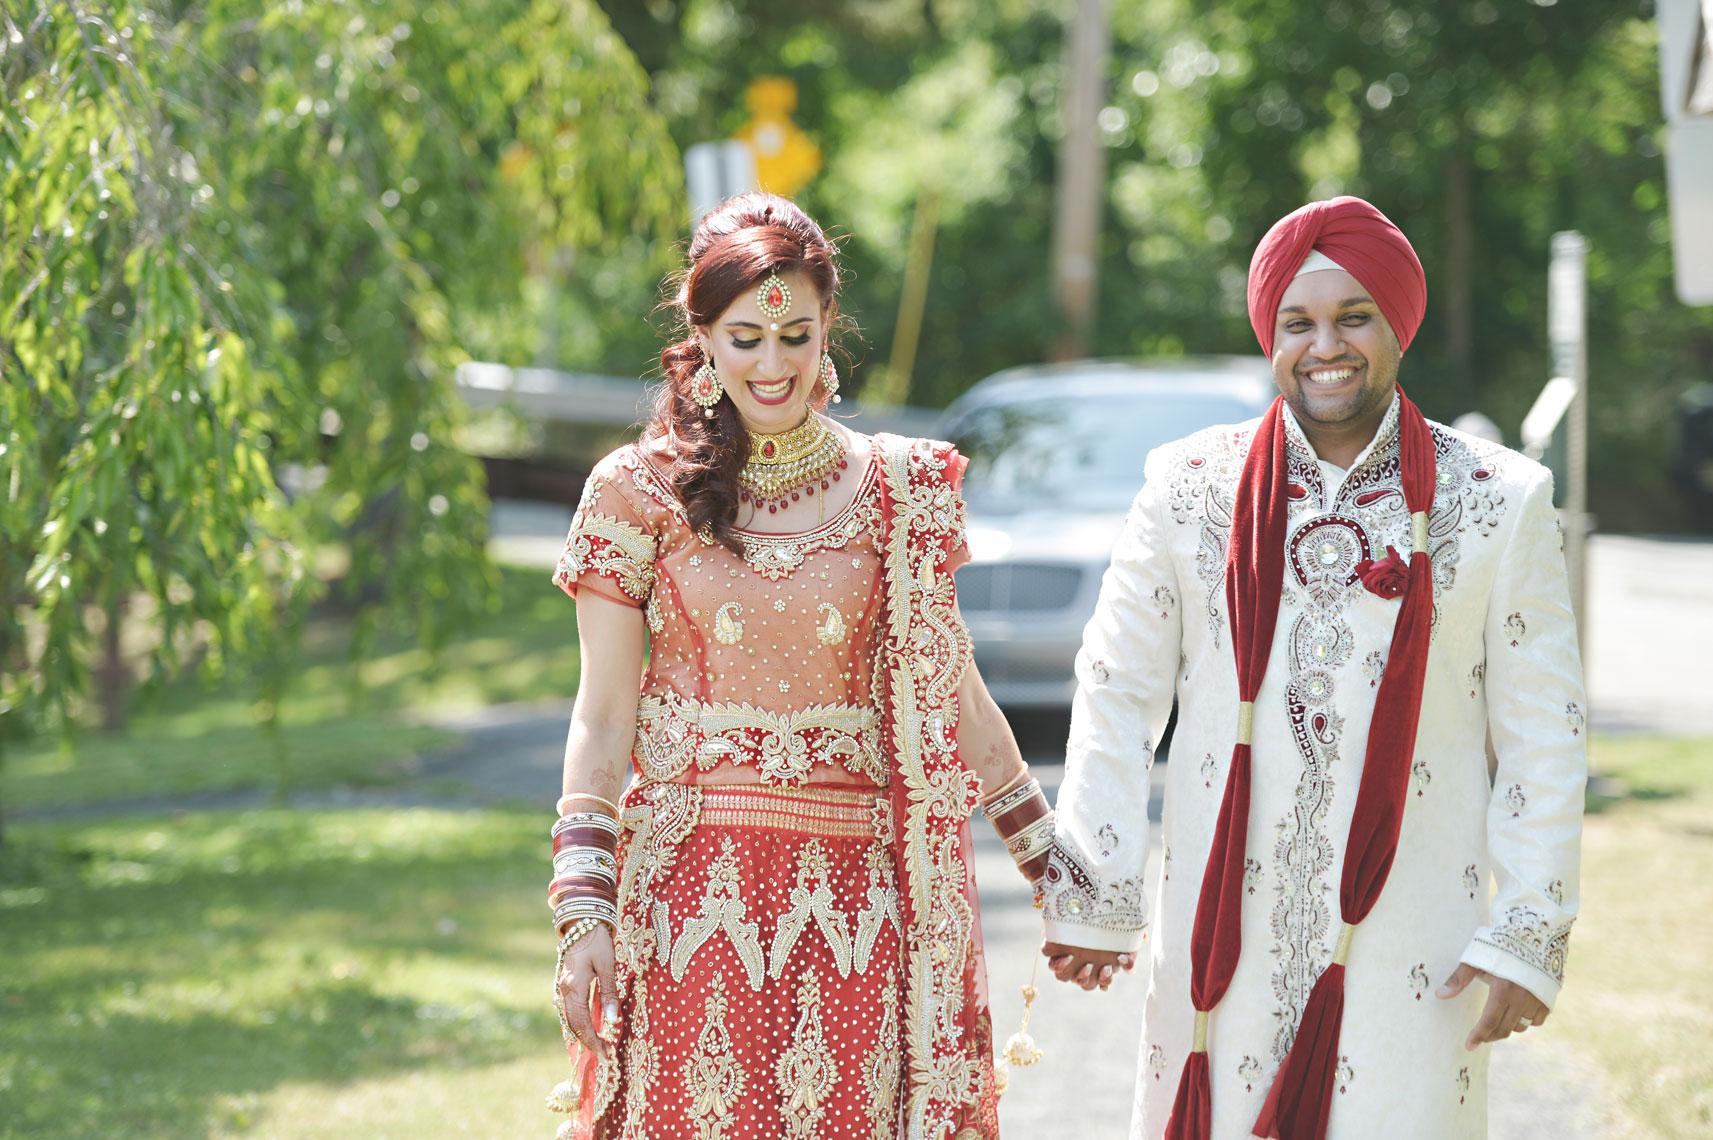 indianwedding-nj-007